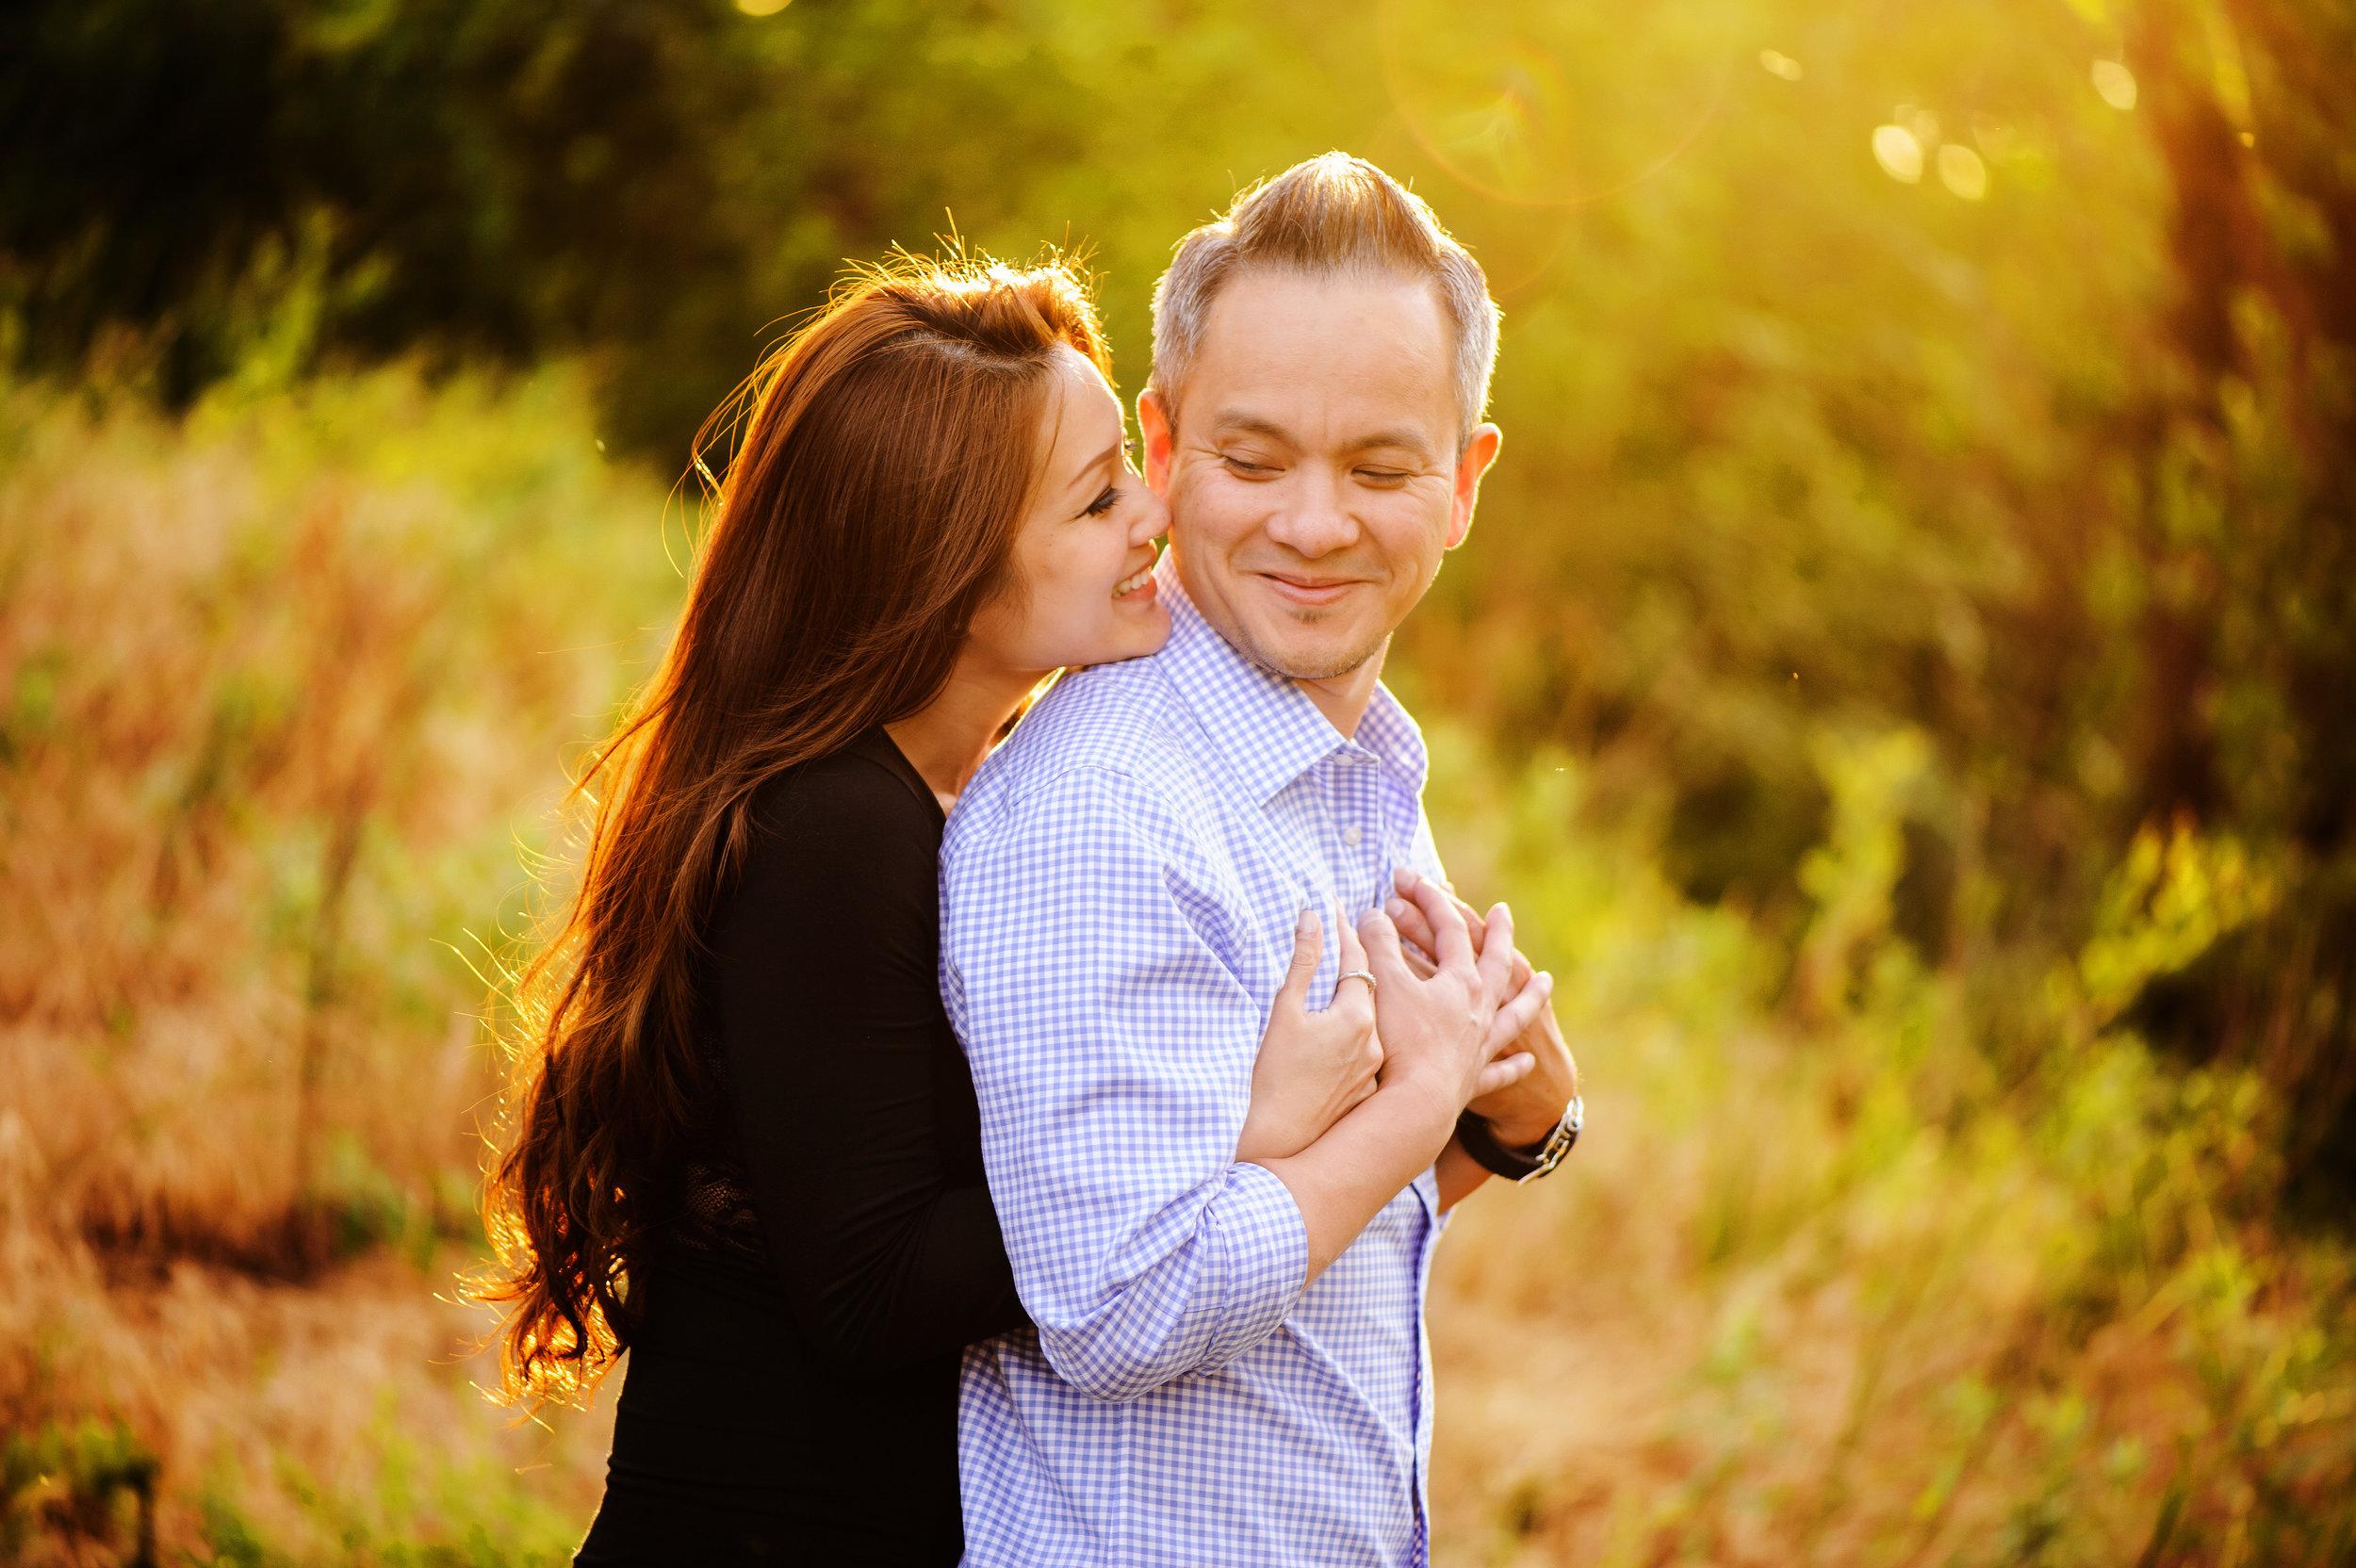 camilla-thuy-021-engagement-sacramento-wedding-photographer-katherine-nicole-photography.JPG